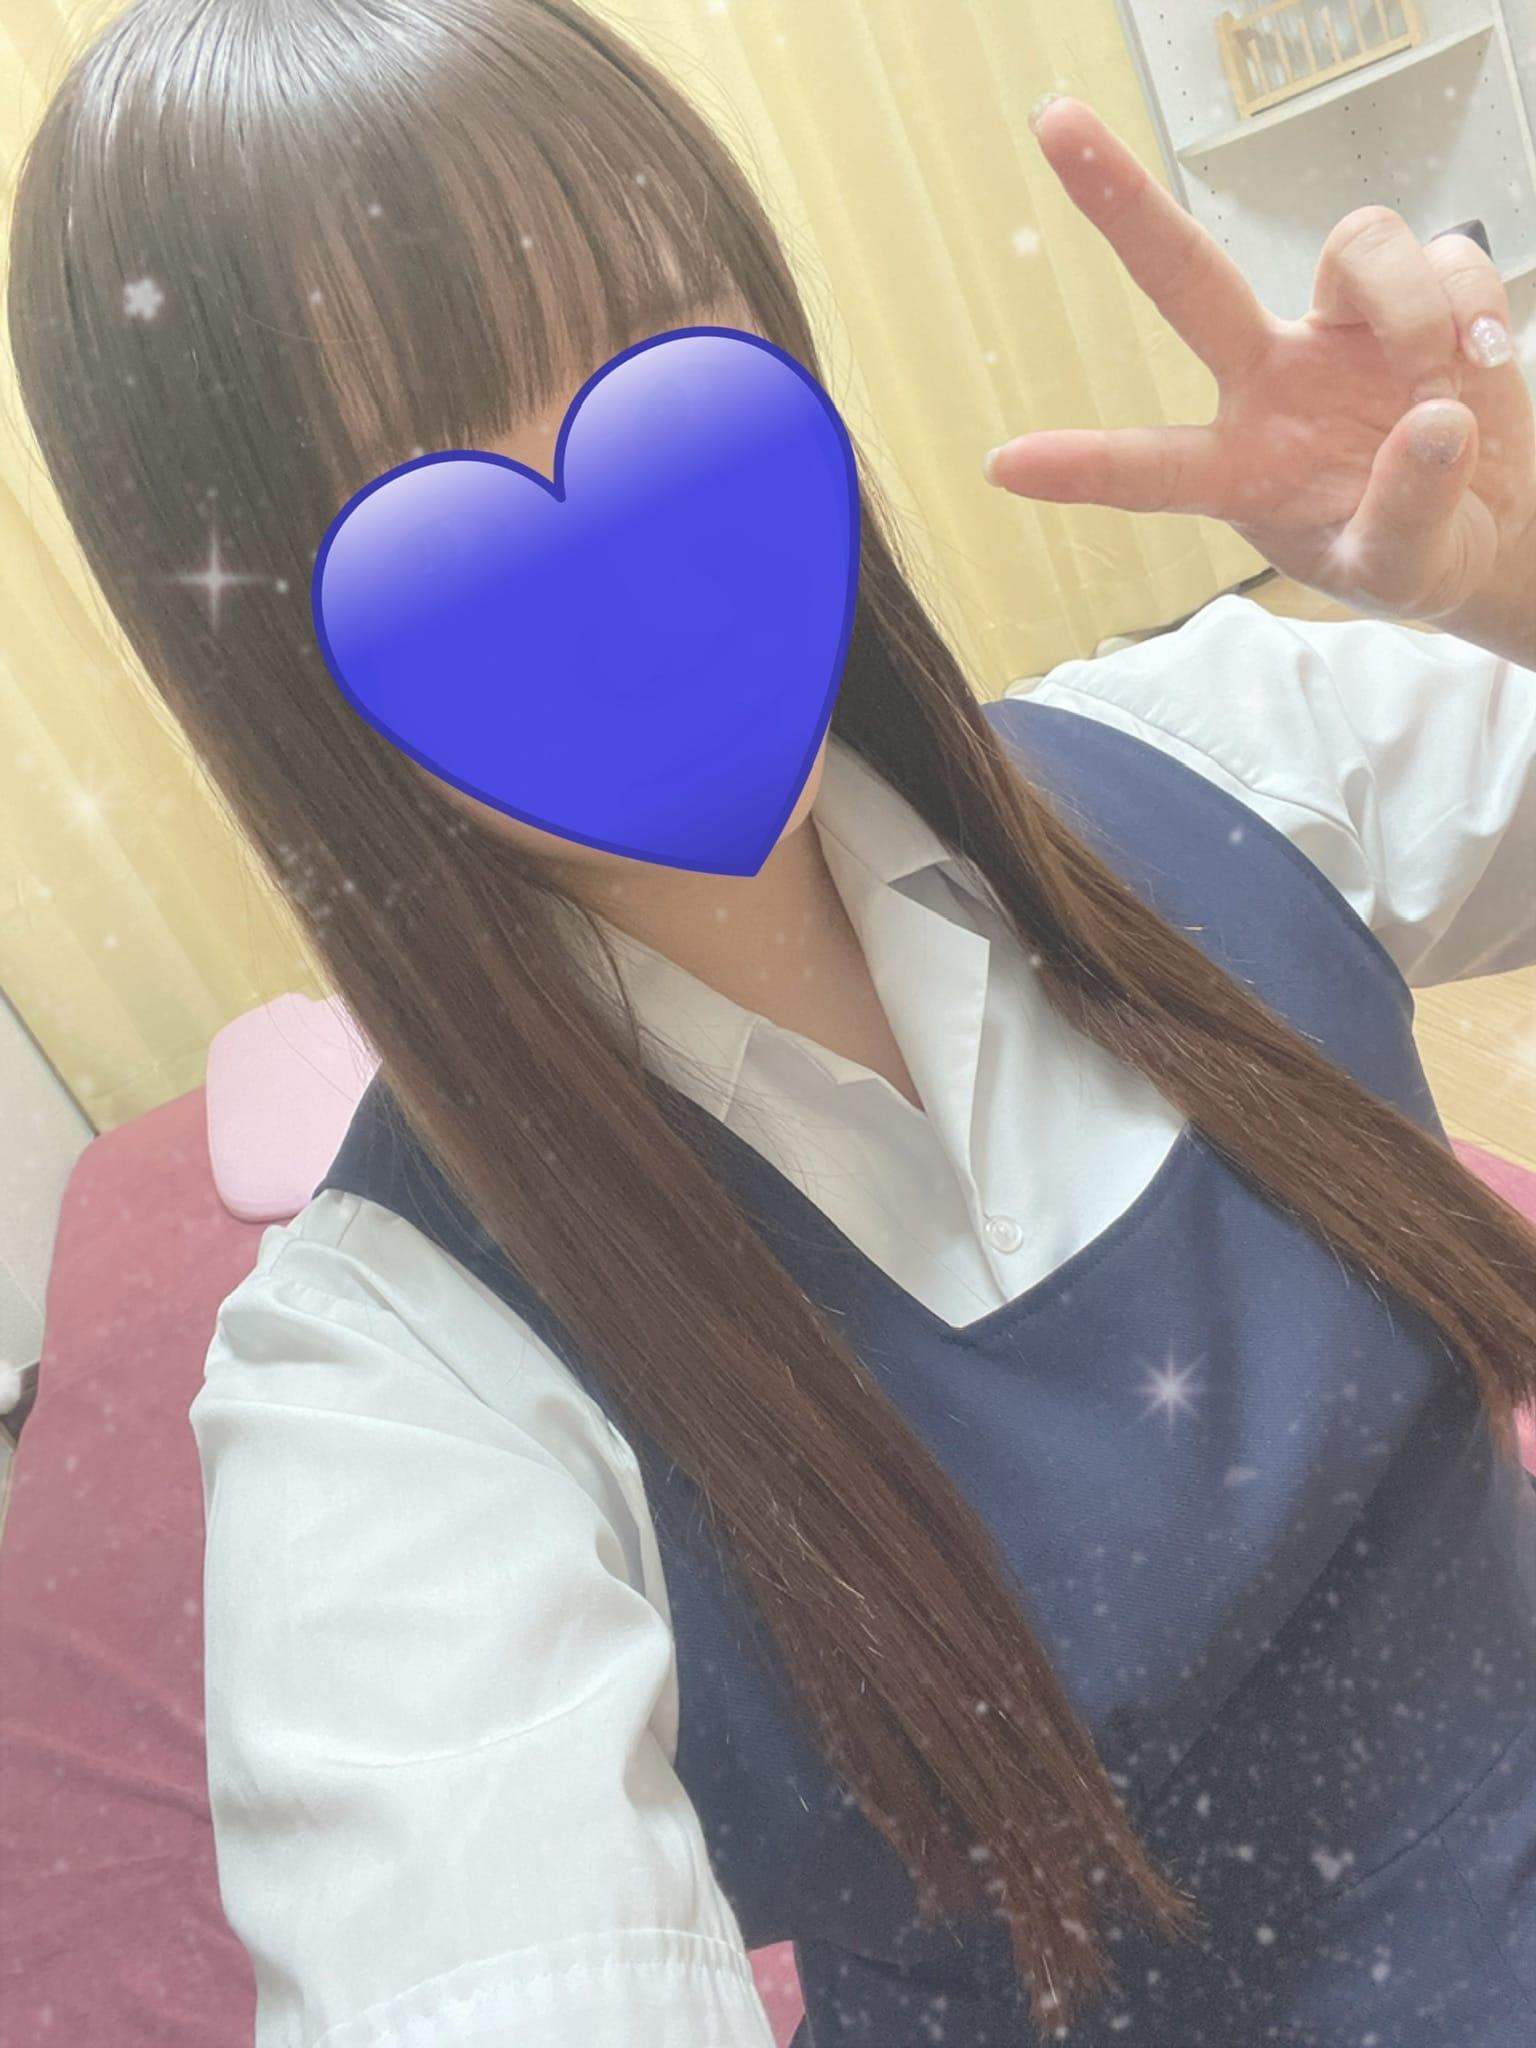 「♪」08/18(水) 14:59   もかちゃんの写メ日記